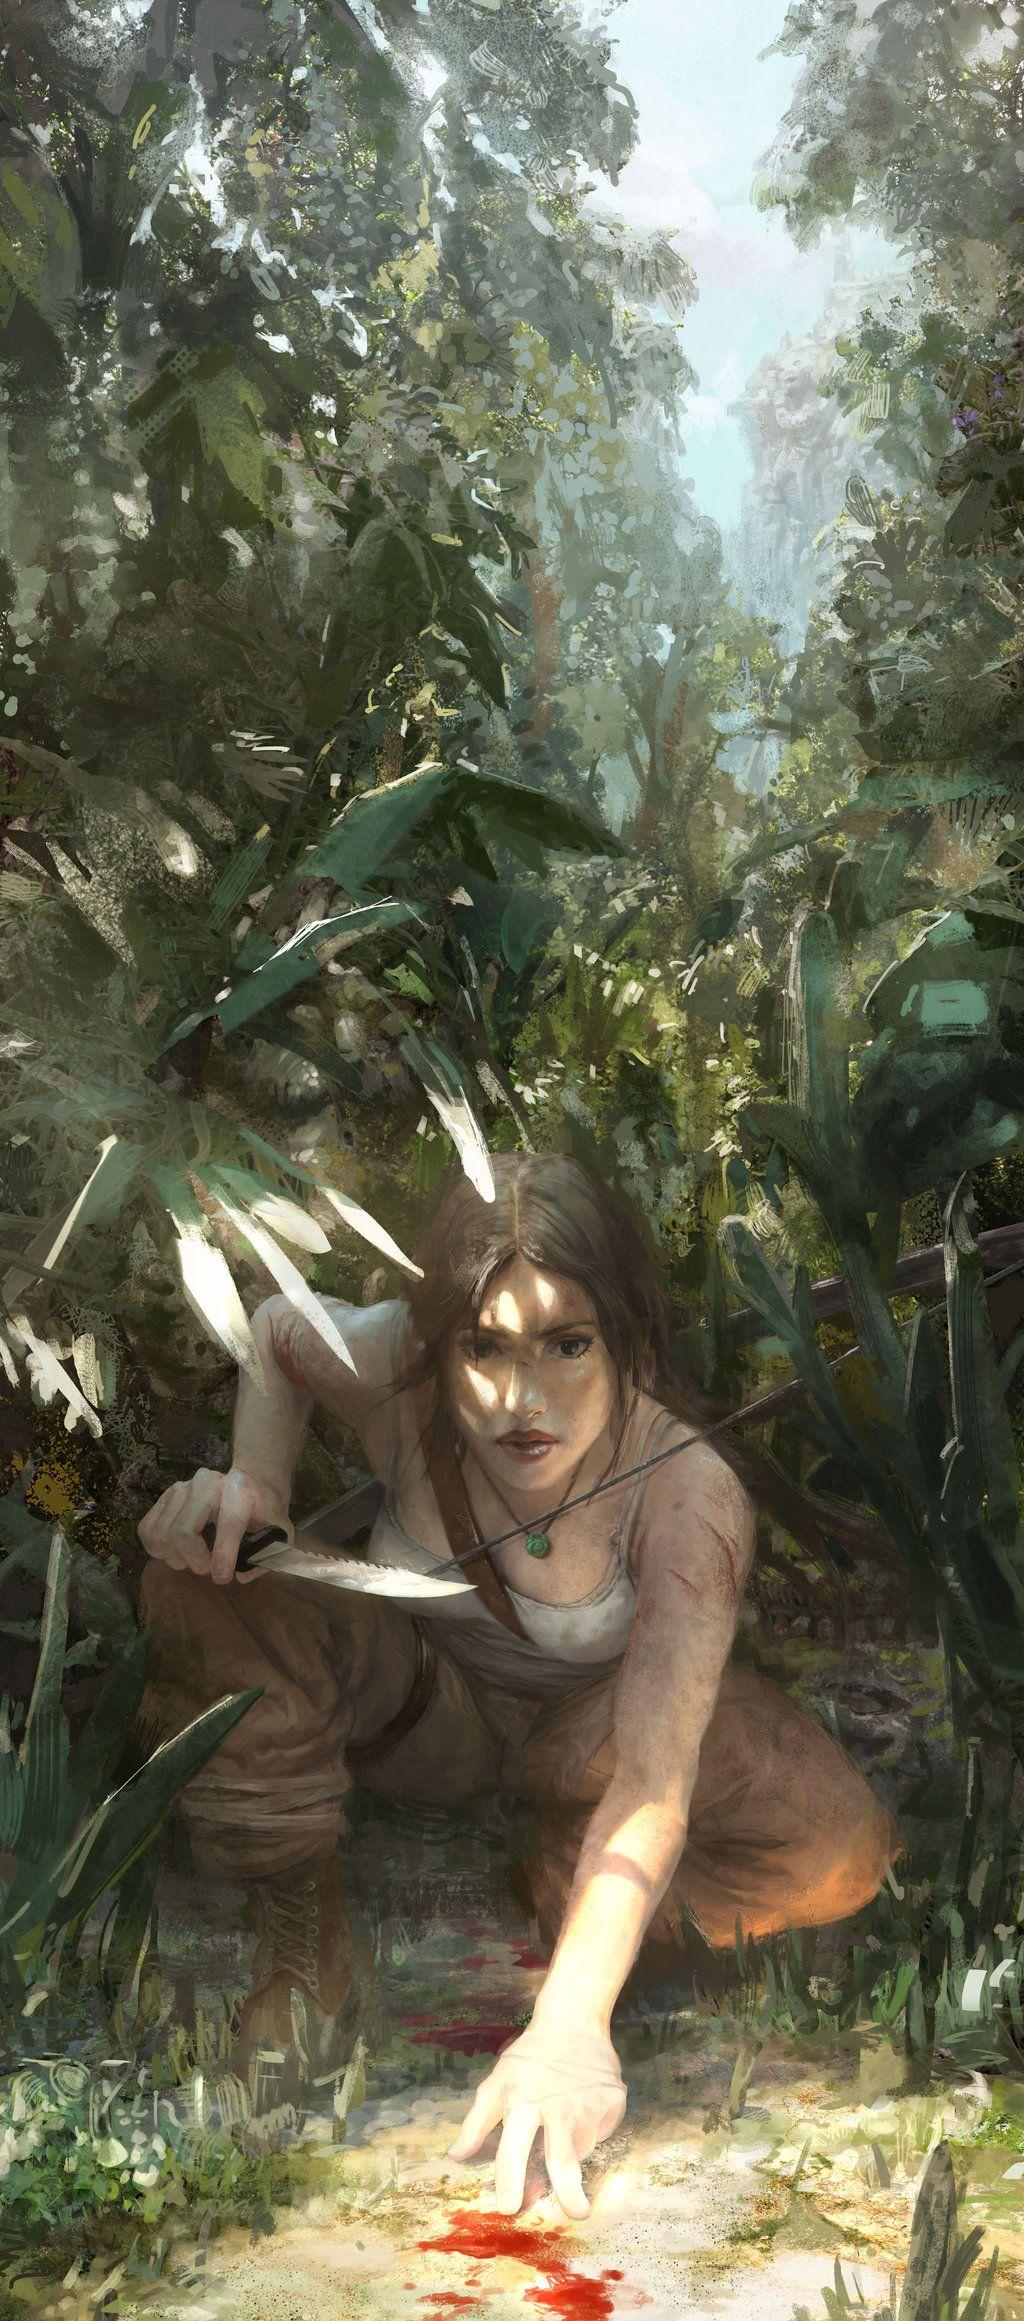 Especial de Lara Croft, las busca tumbas más popular.